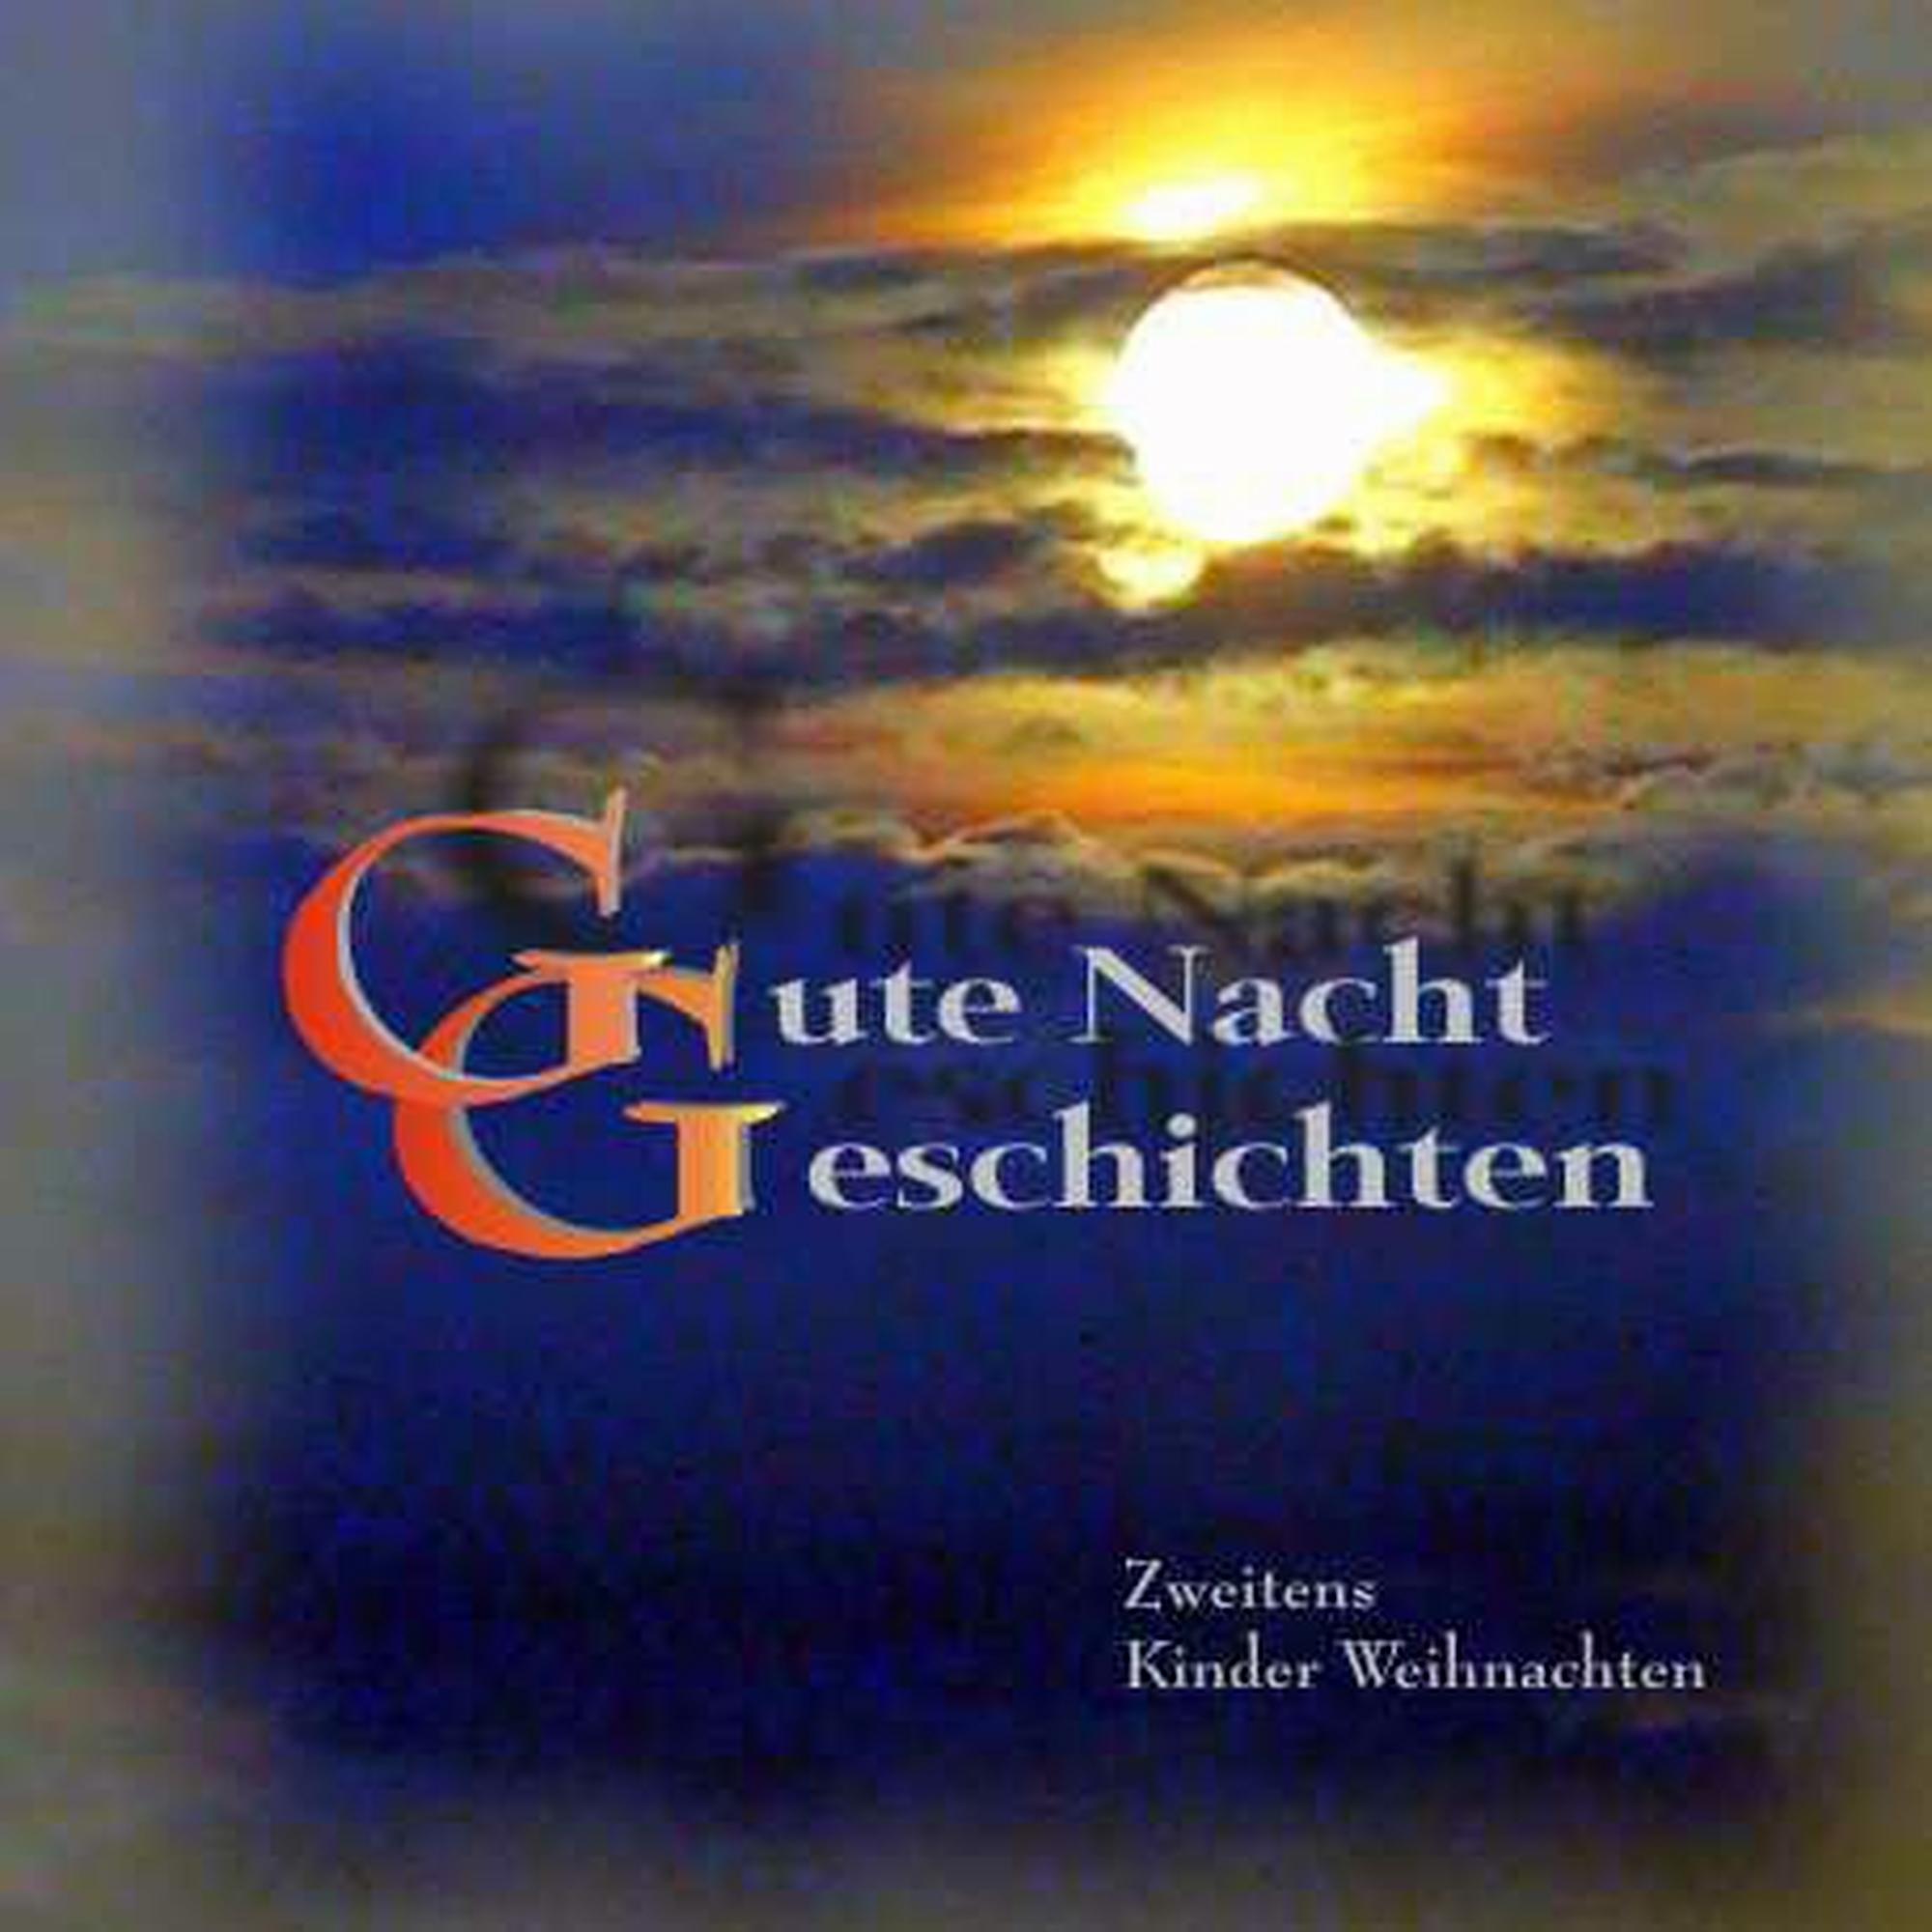 Gute-Nacht-Geschichten-Kinder-2